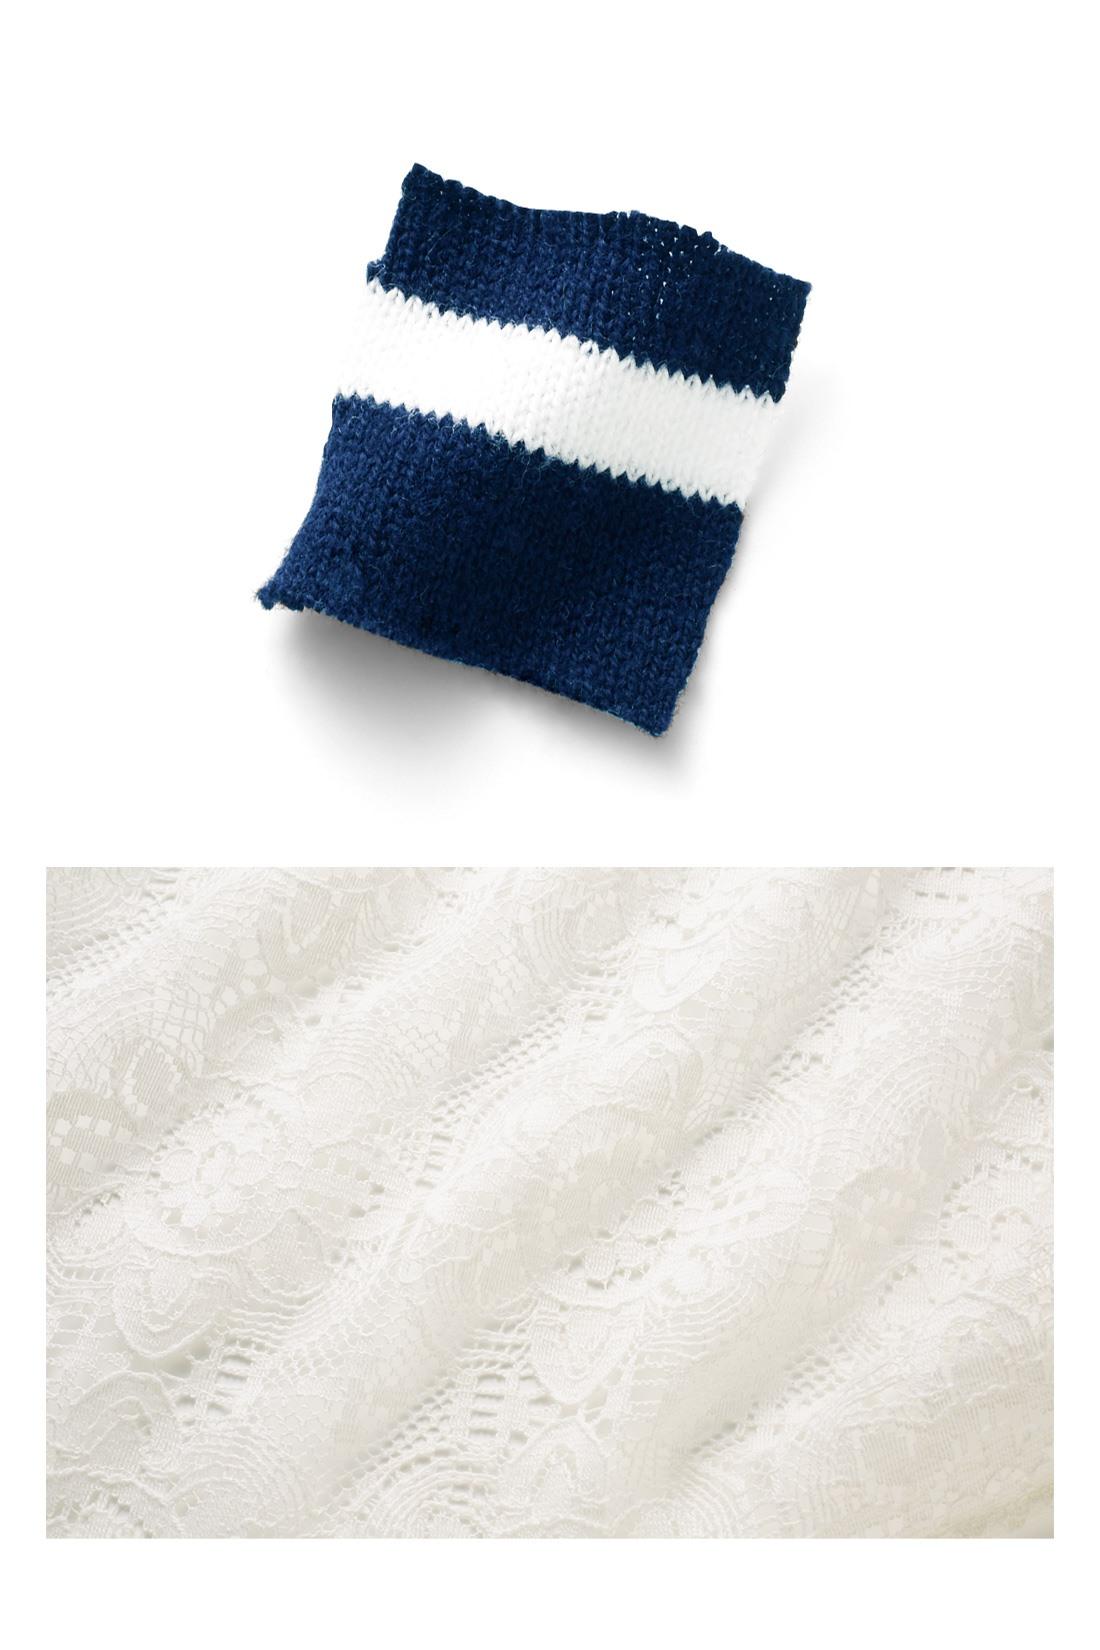 上品見えするピッチと幅を計算したニットは、素肌にやさしい綿100%。大人の華やぎを印象づける豪華で繊細なレース。